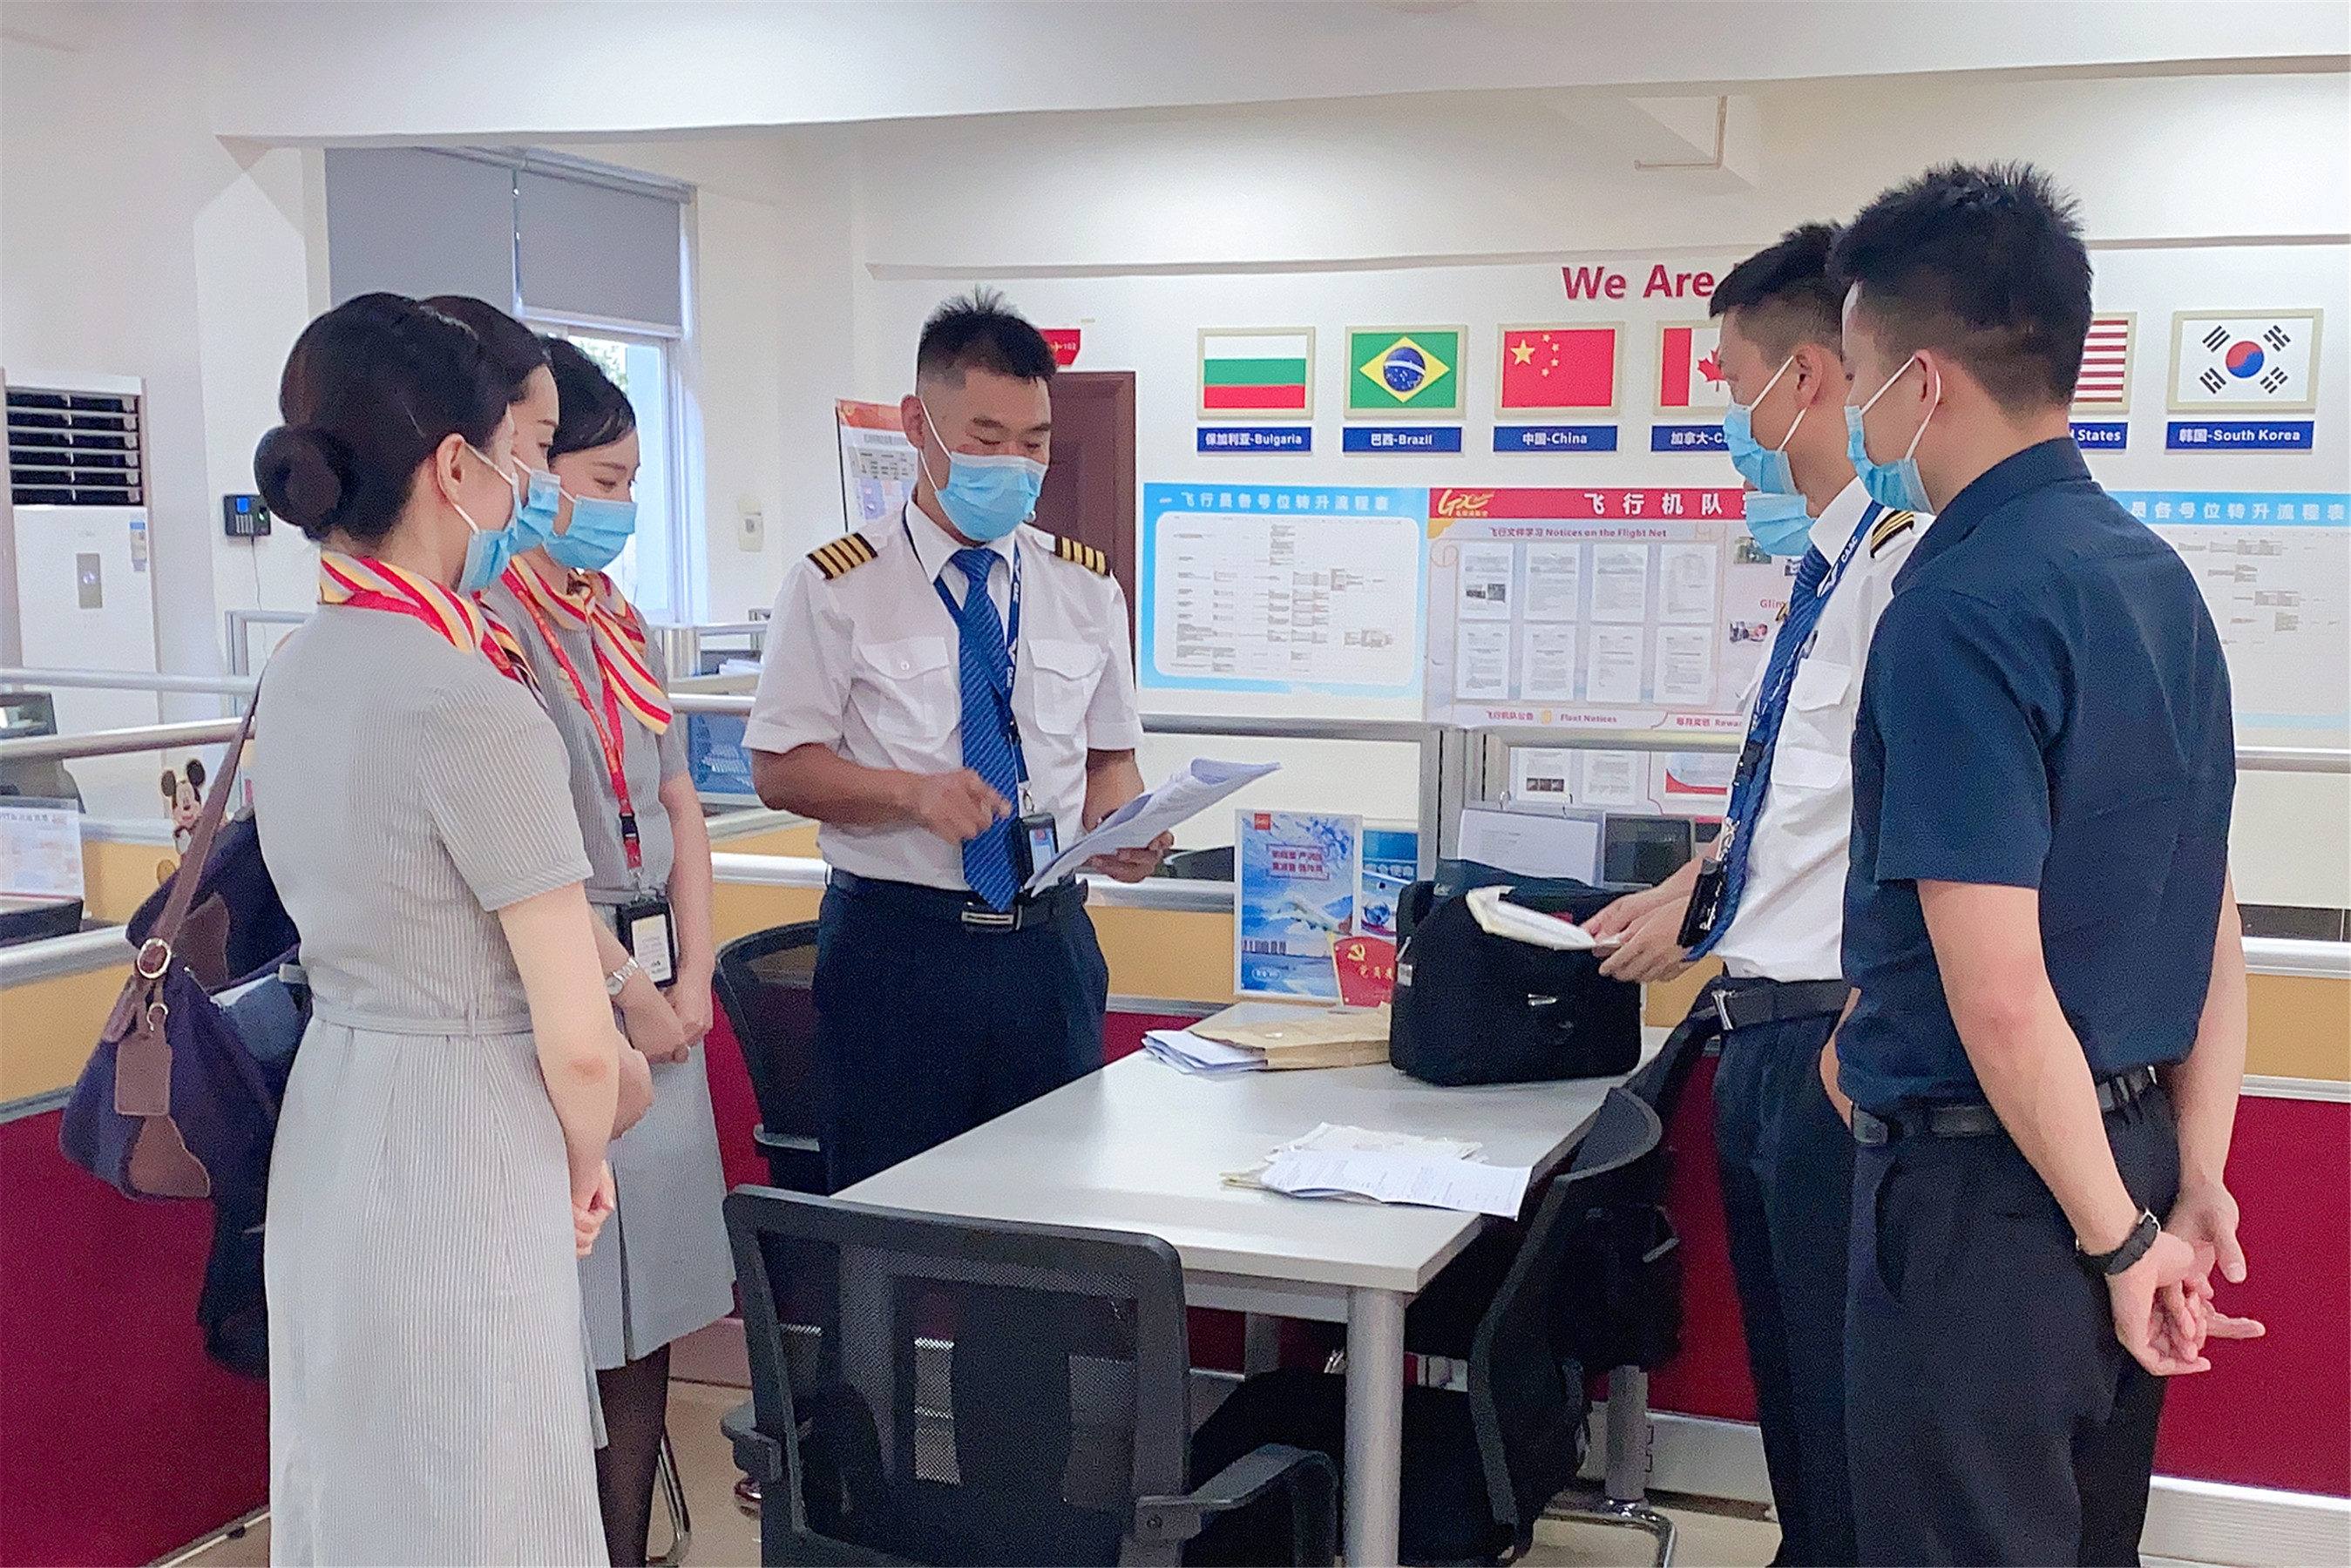 北部湾航空飞行教员张海峰:退役不退志!牢记使命 翱翔蓝天